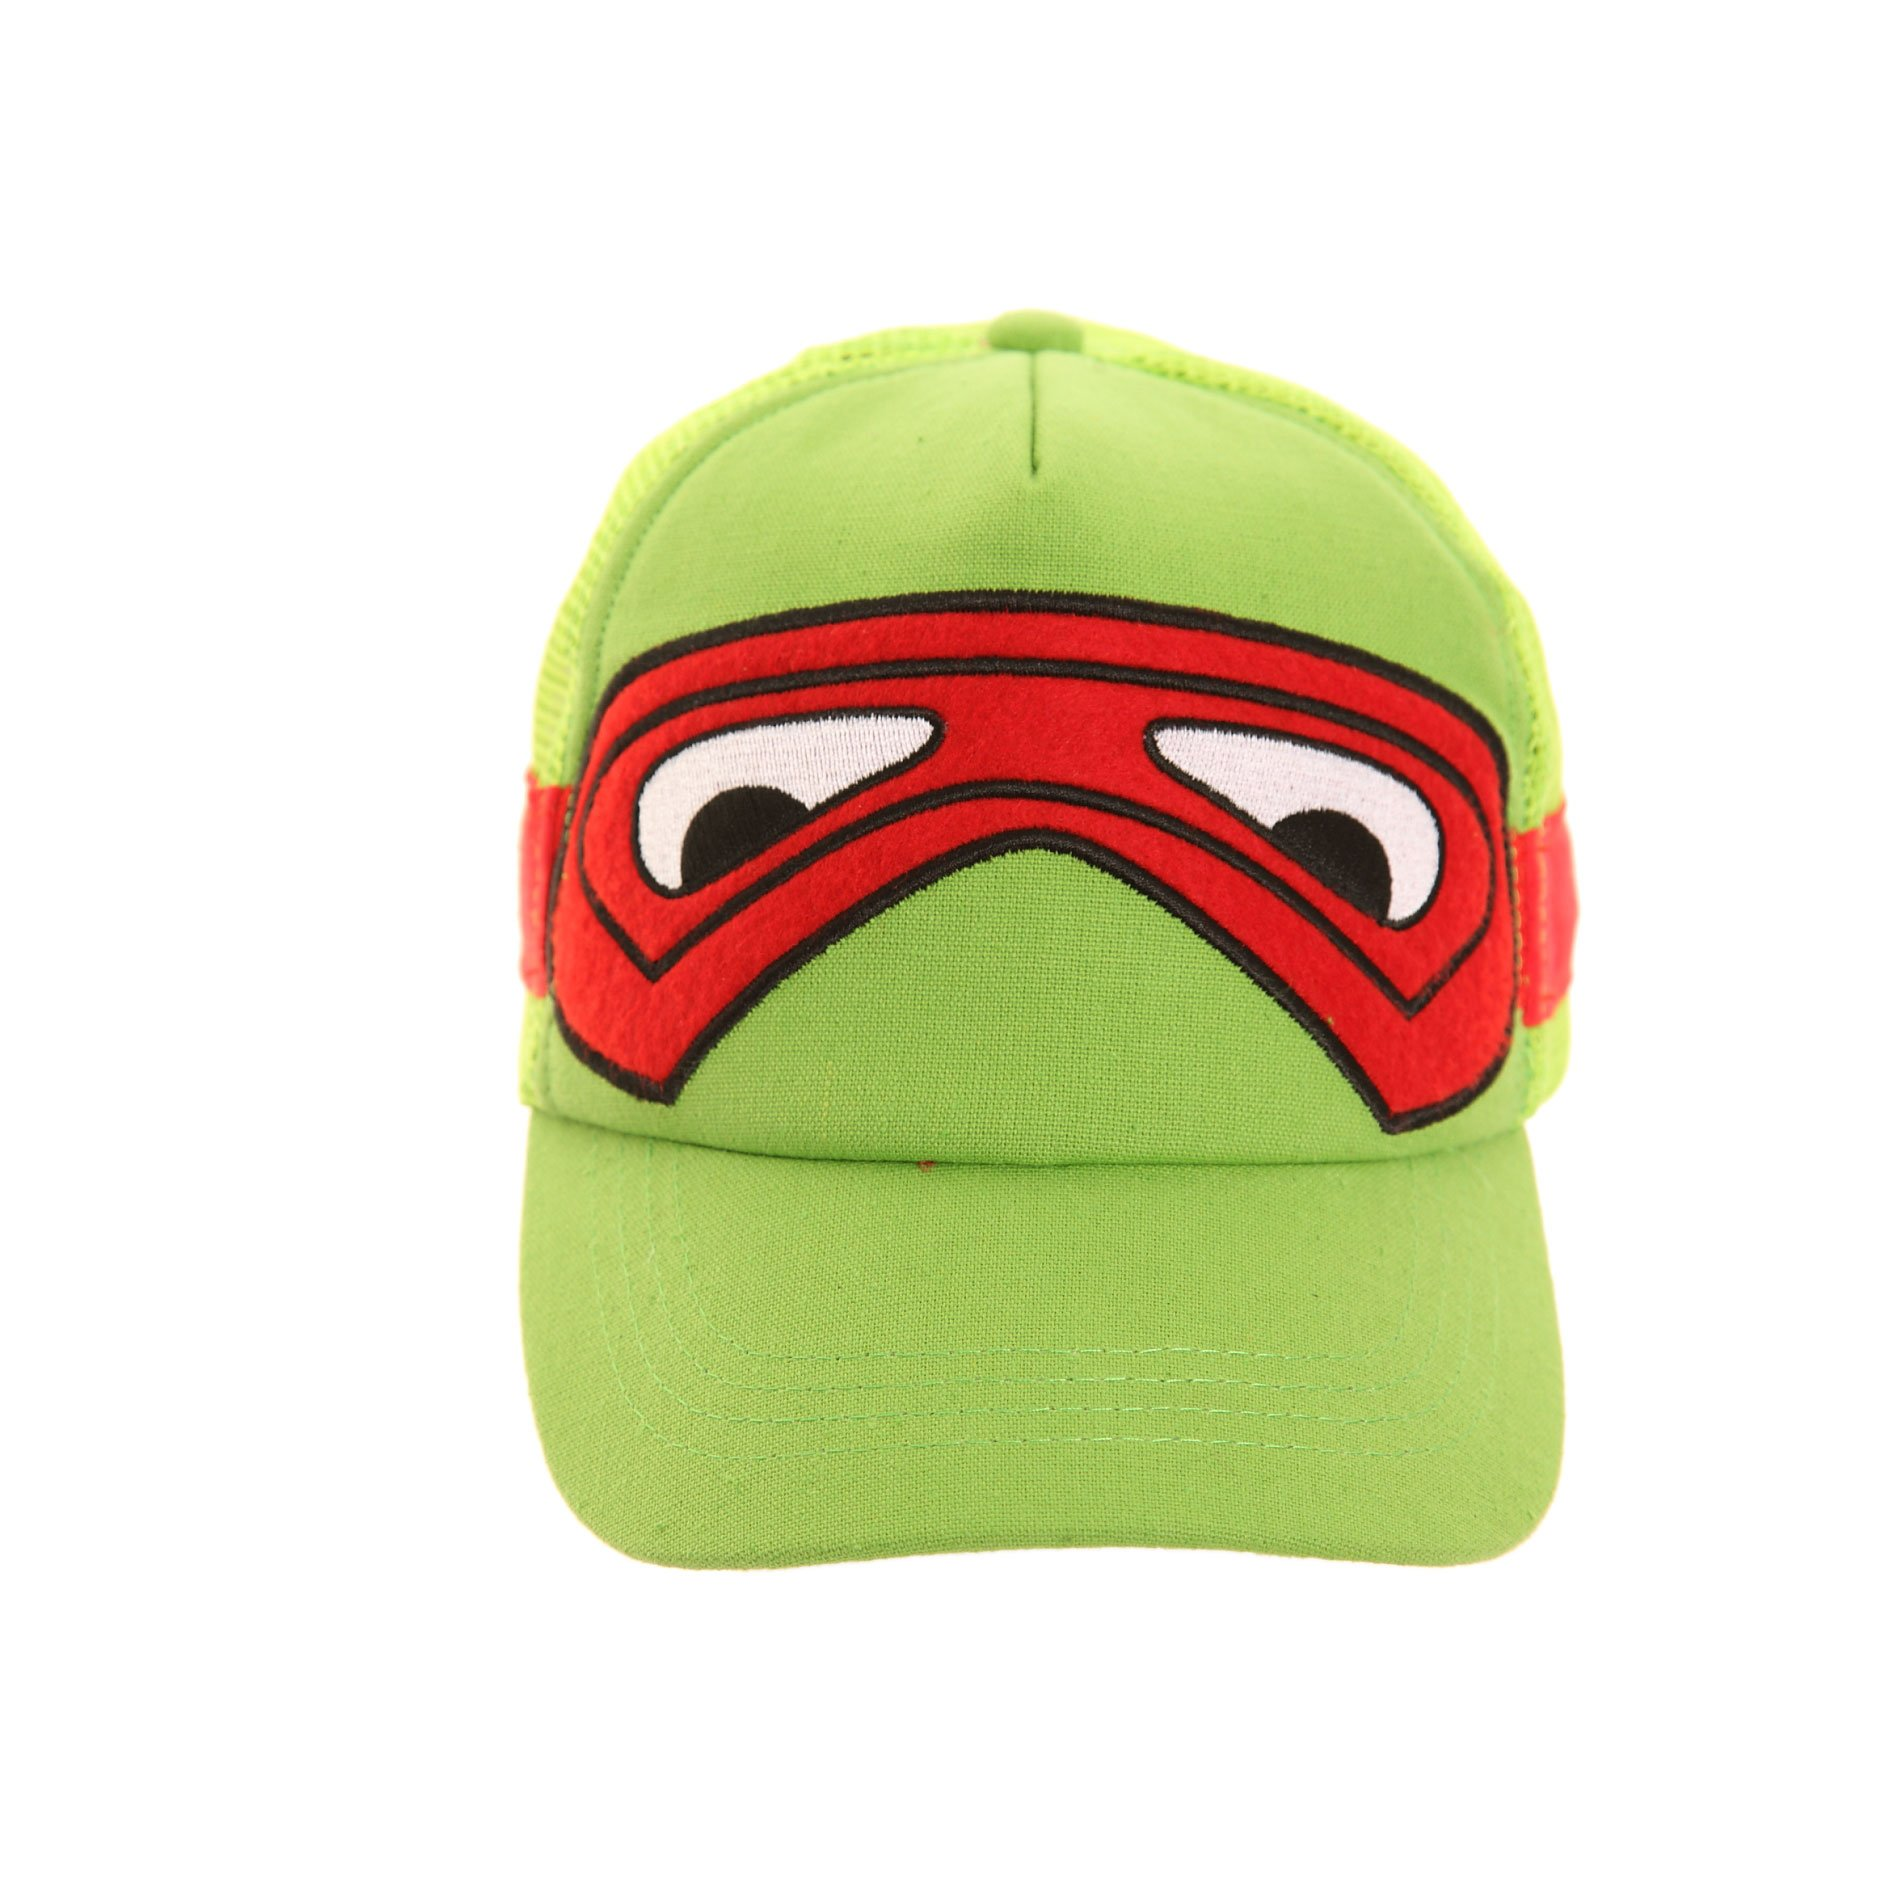 c140 child s novelty tortoise baseball cap ssp hats